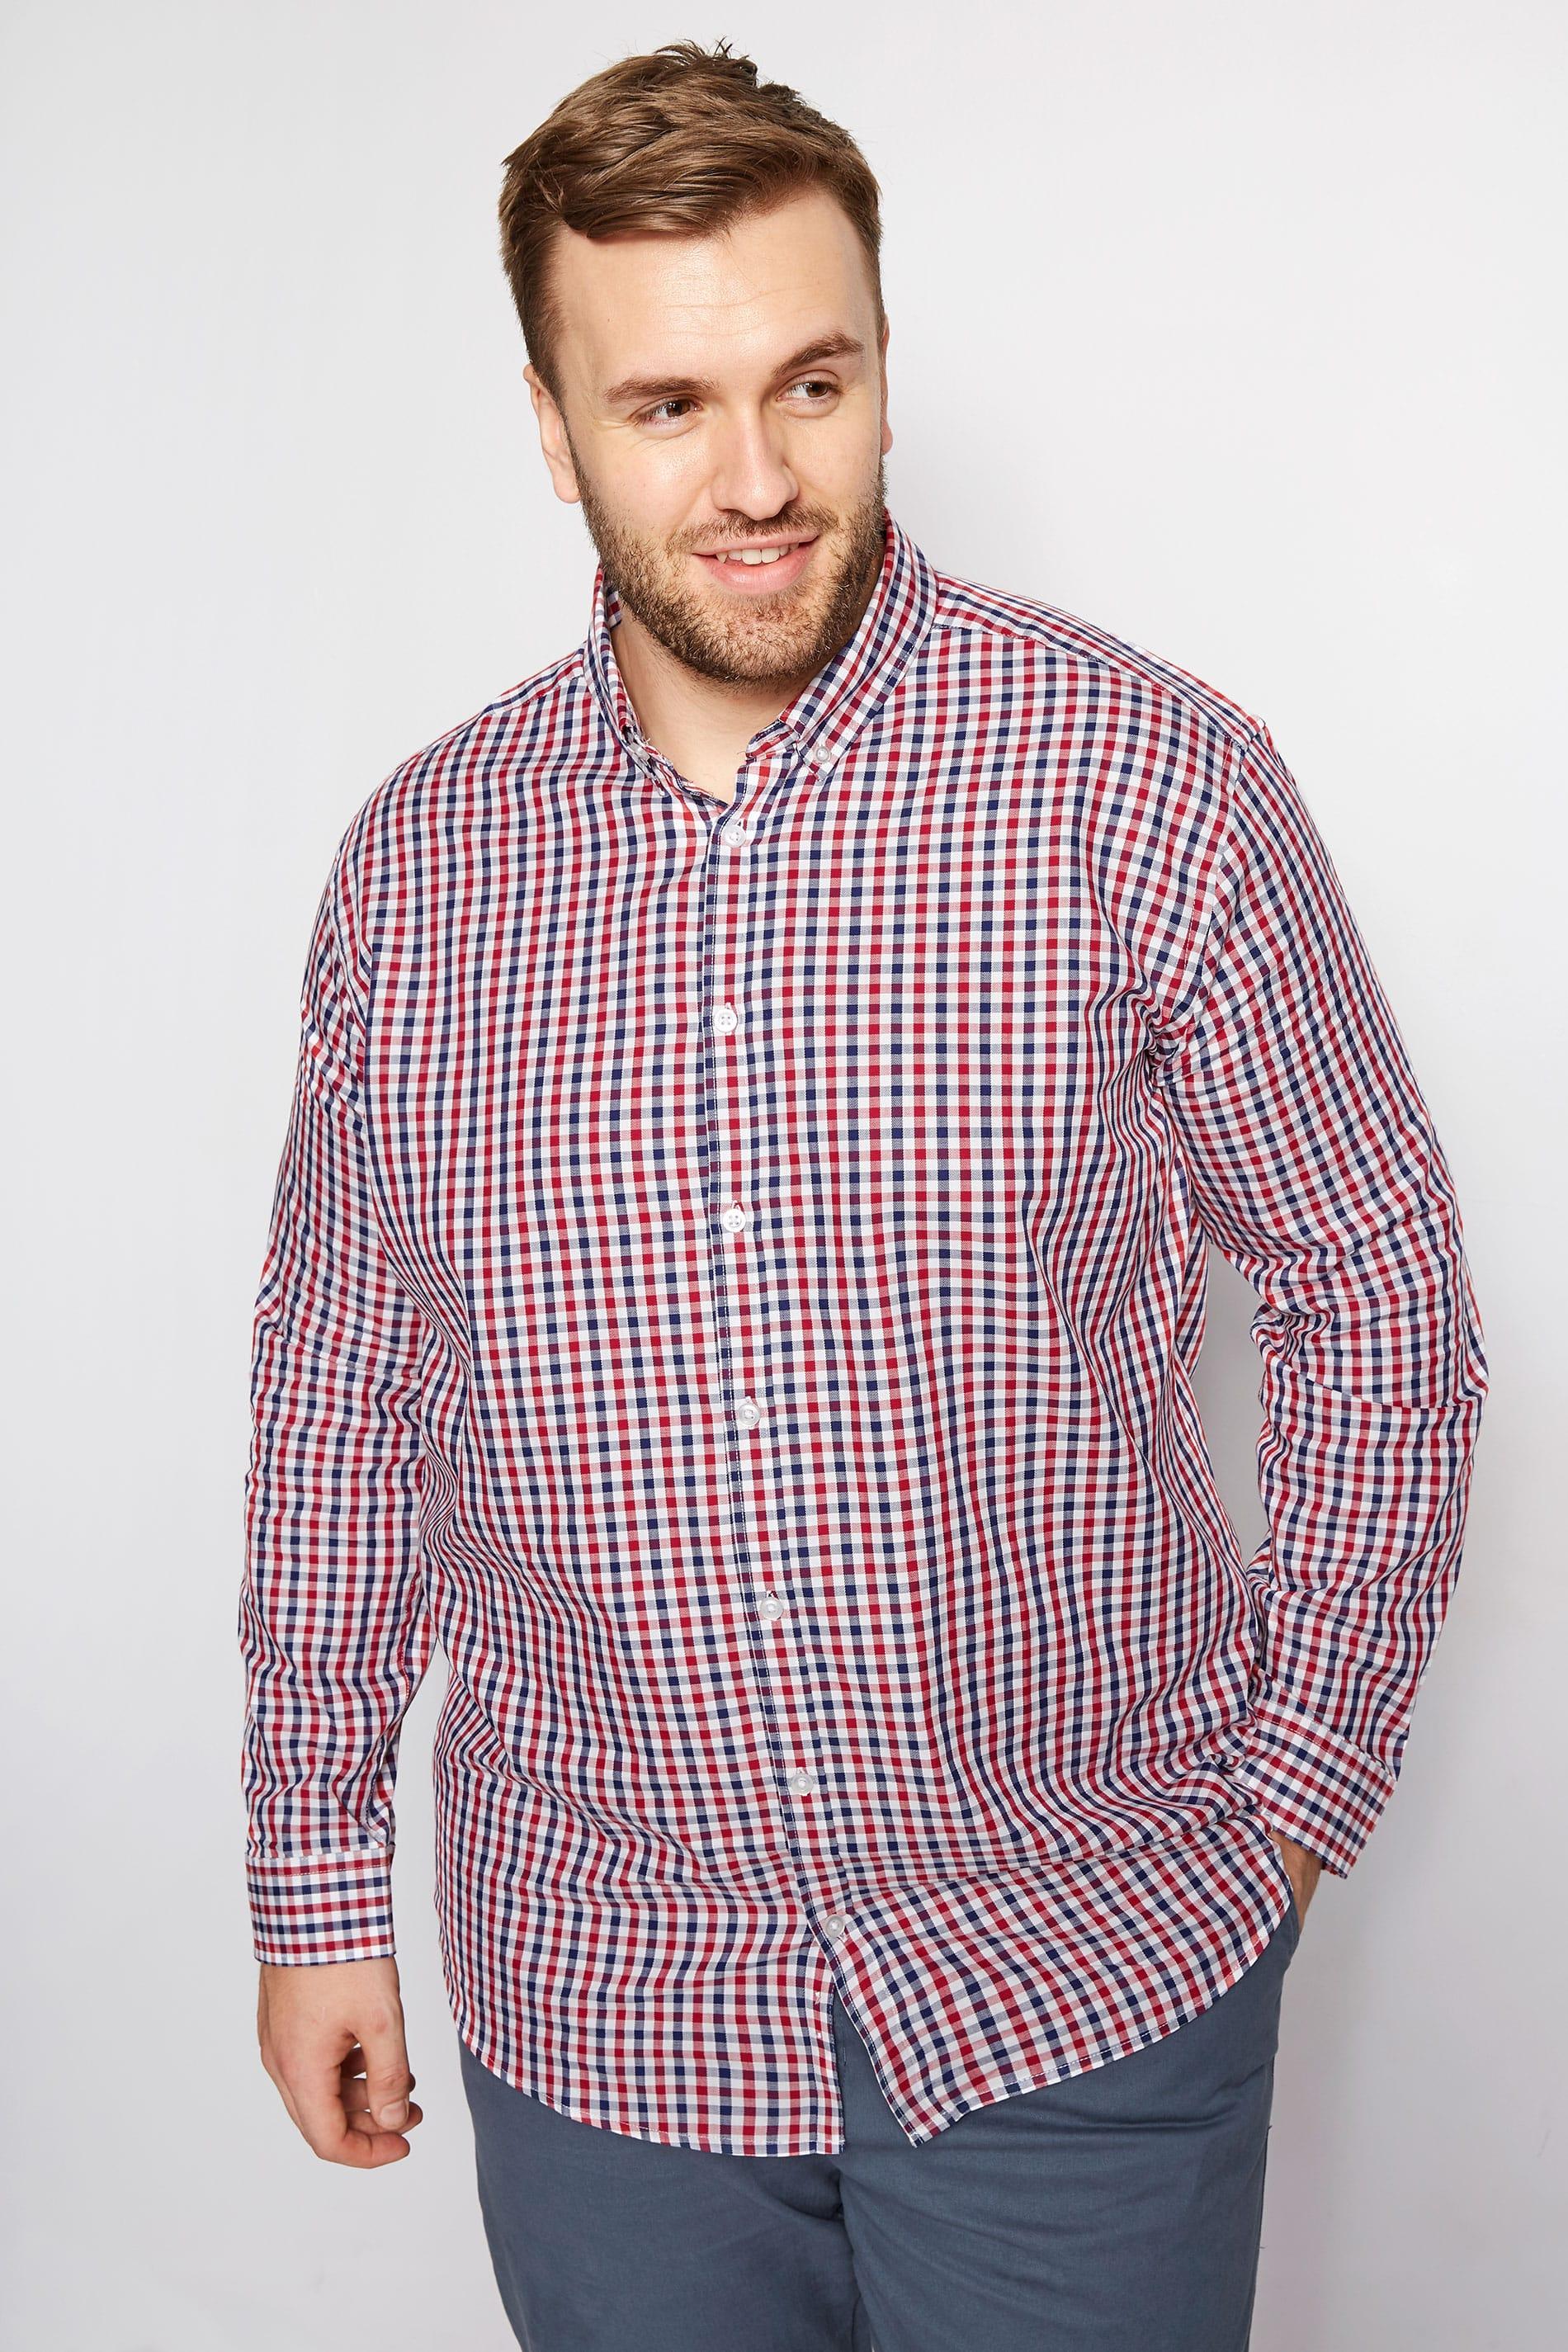 BadRhino Red & Navy Gingham Check Shirt